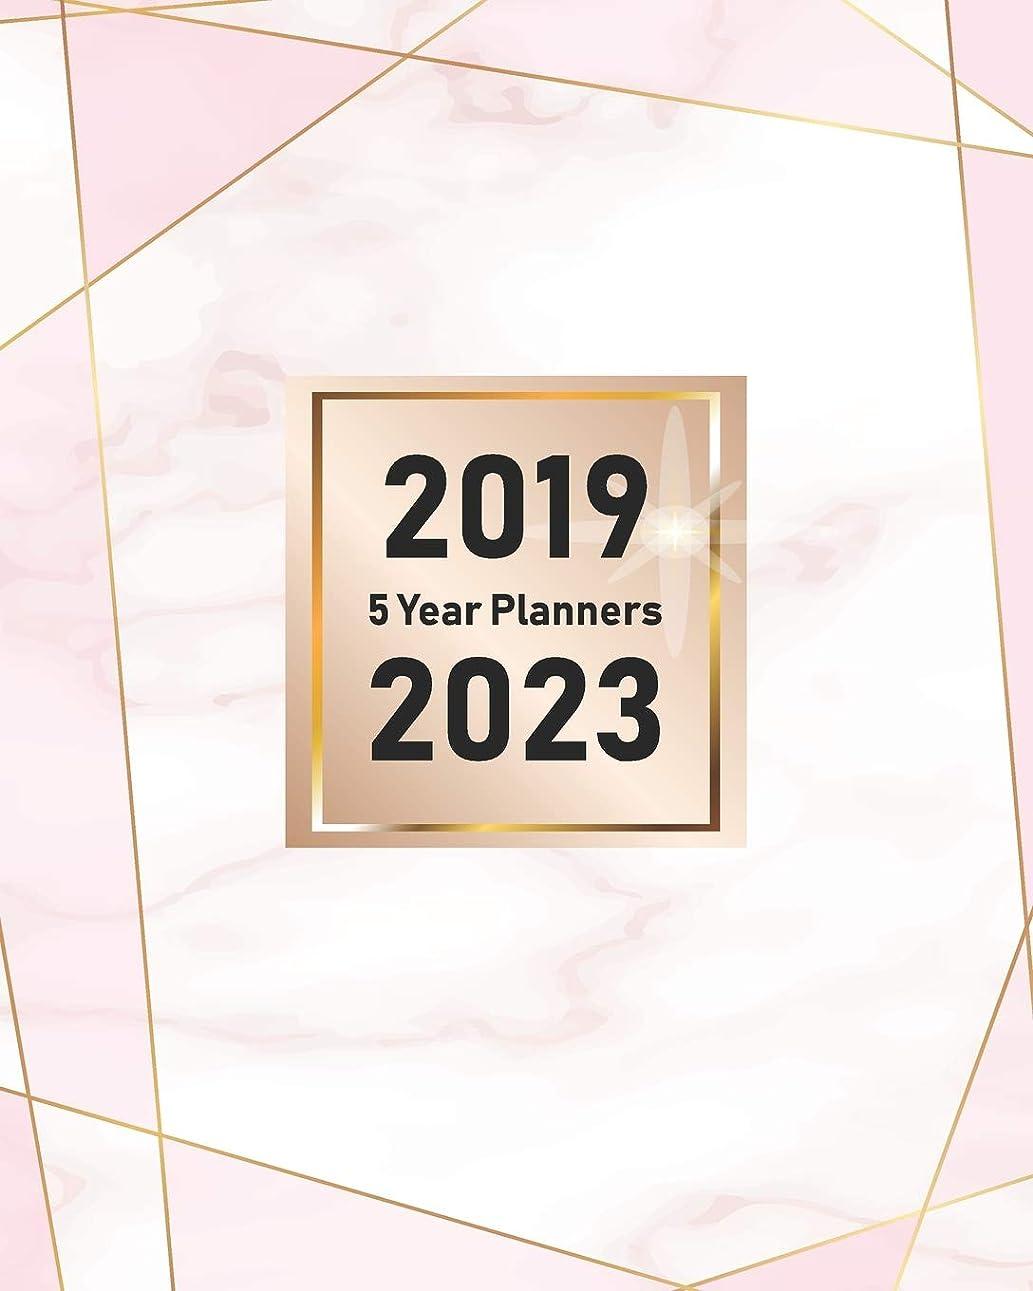 傷つきやすい悪名高いロッカー5 Year planners: 2019-2023 Five Year calendar by monthly schedule and organizer (5 Year Monthly Planner 2019-2023)